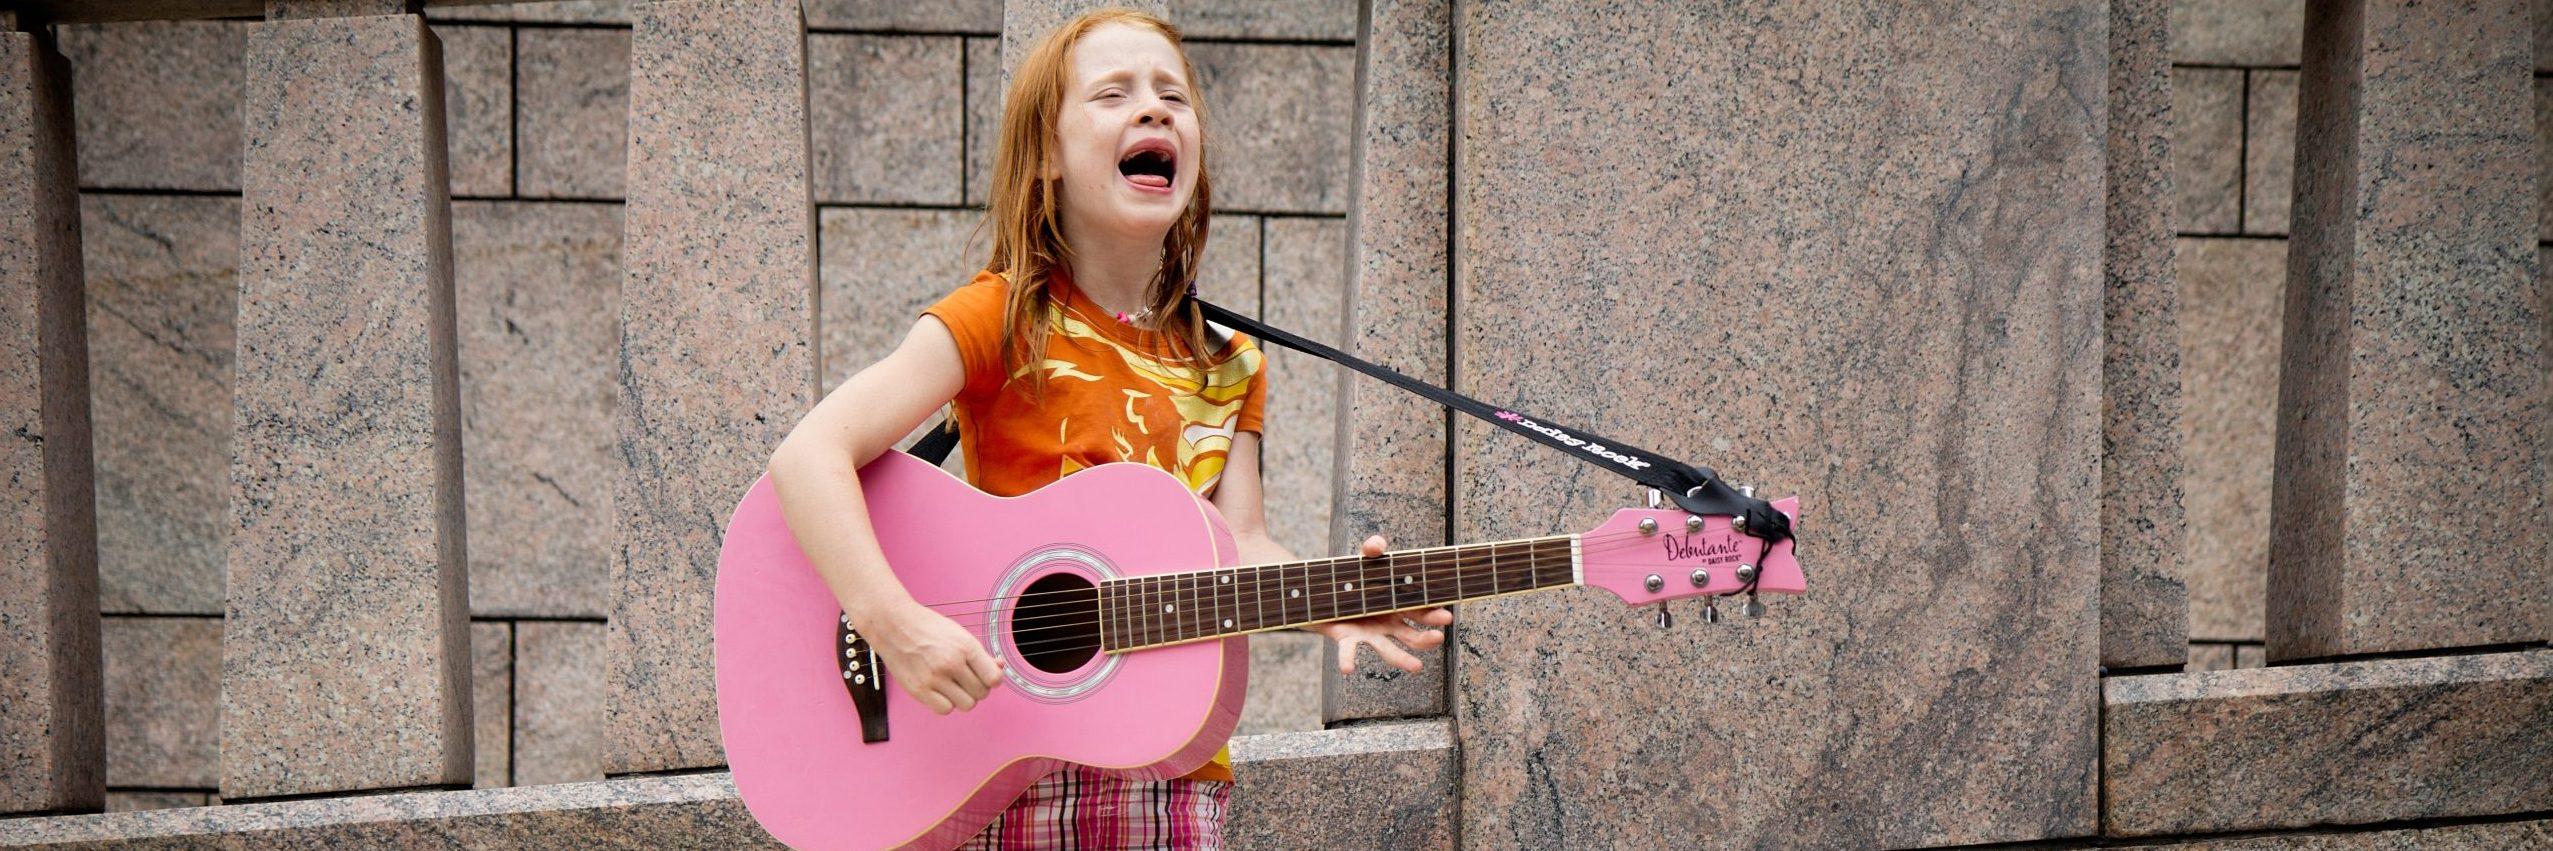 Muziek maken met kinderen in groep 5 t/m 8